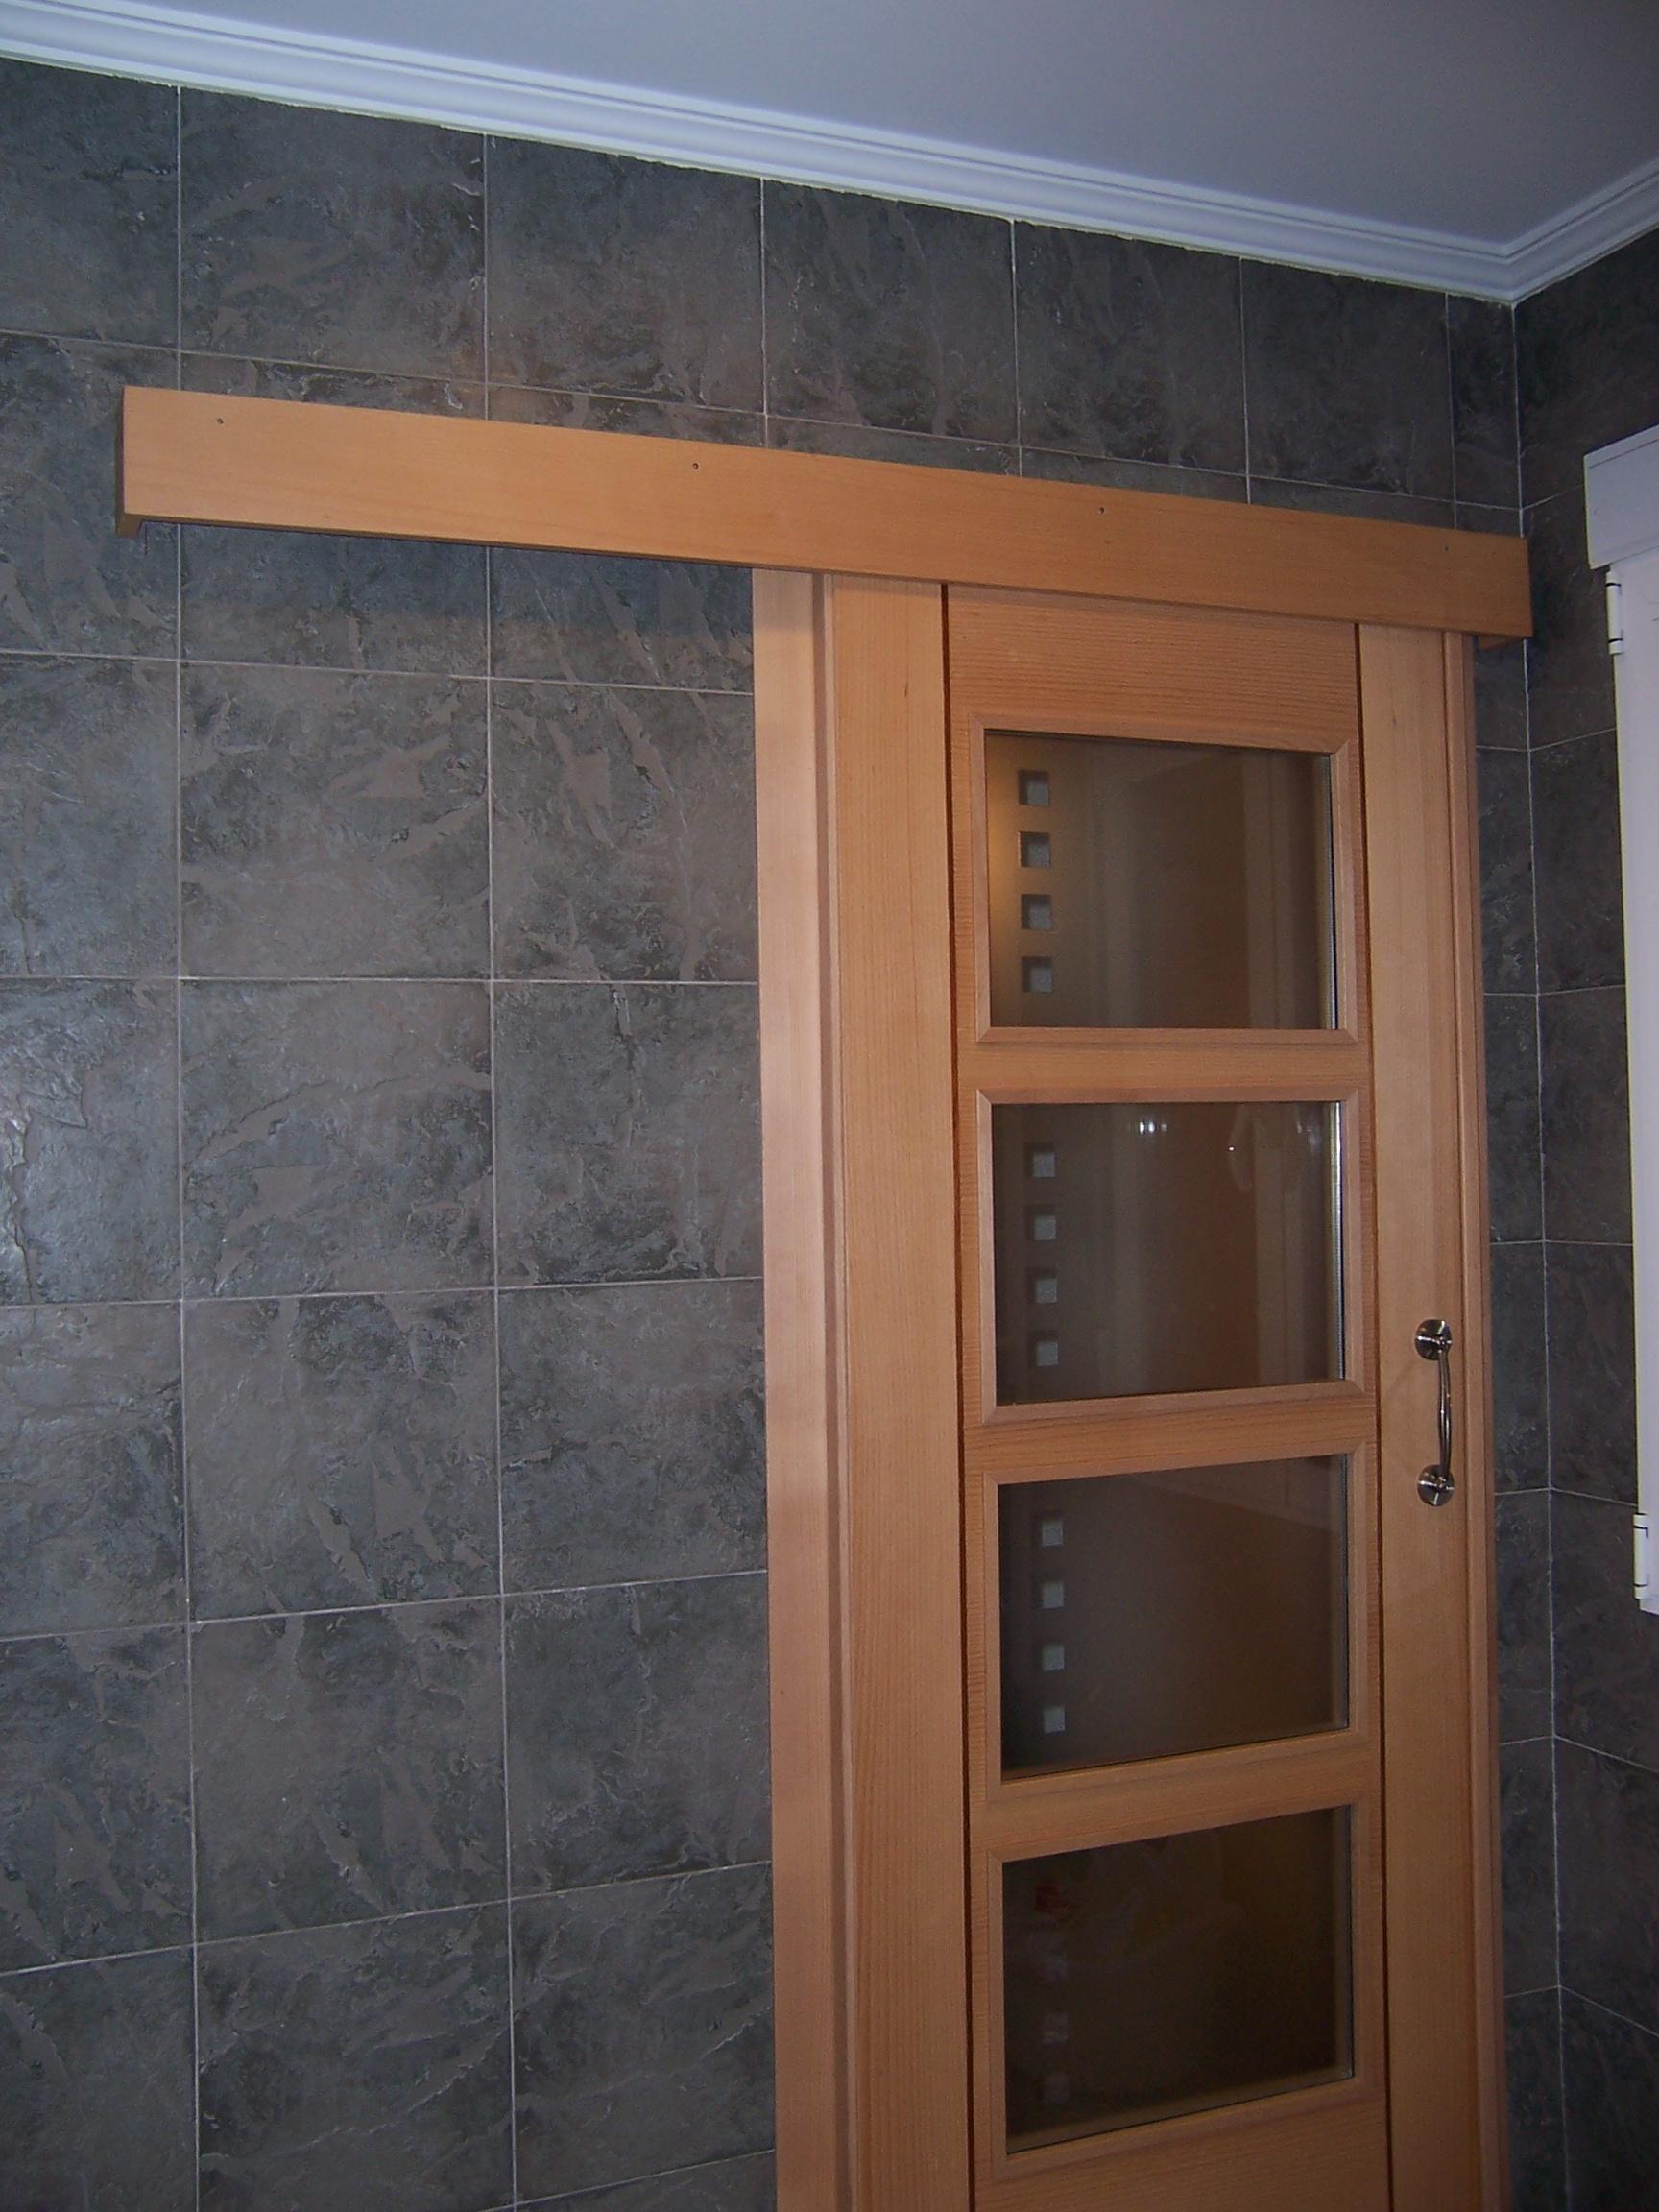 Puertas carpinter a juan pedro s nchez cascales - Como hacer puertas correderas ...